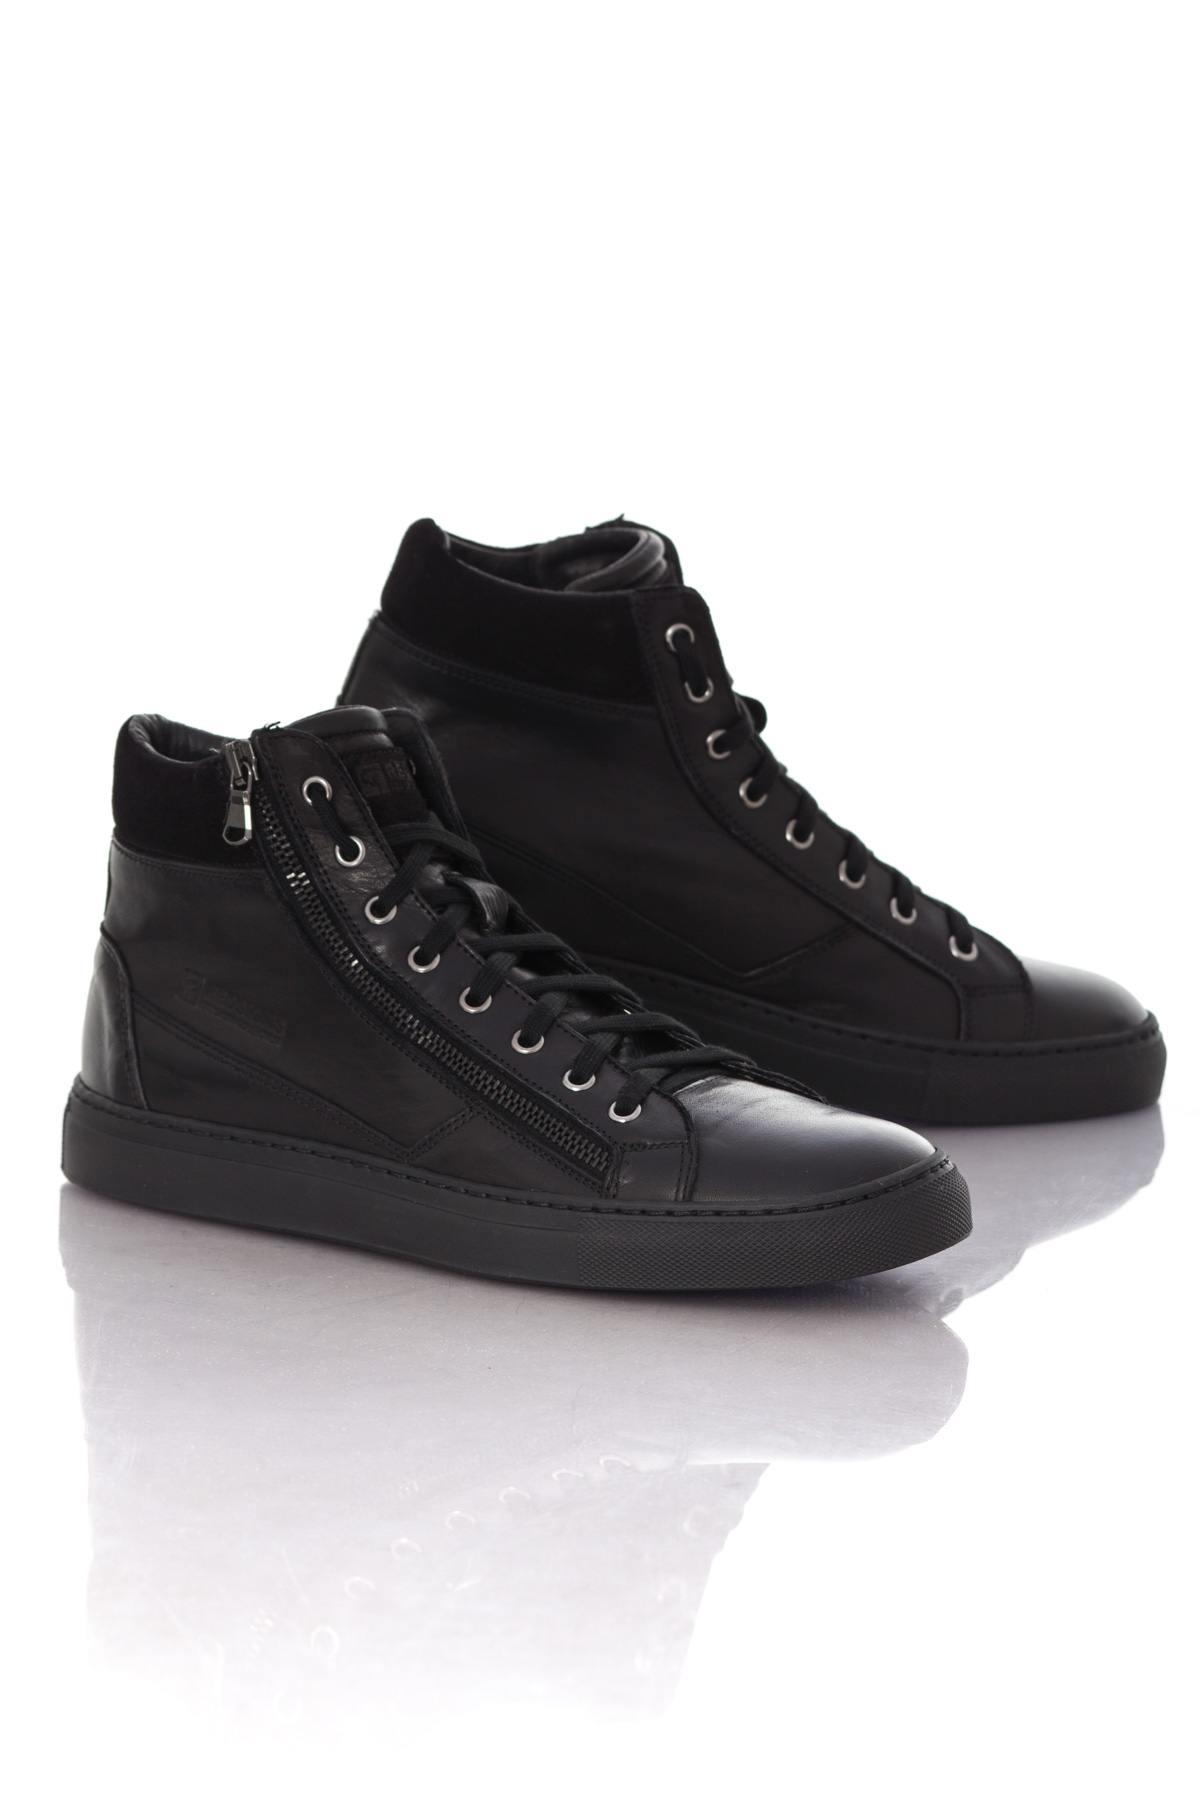 chaussures redskins cuir homme. Black Bedroom Furniture Sets. Home Design Ideas